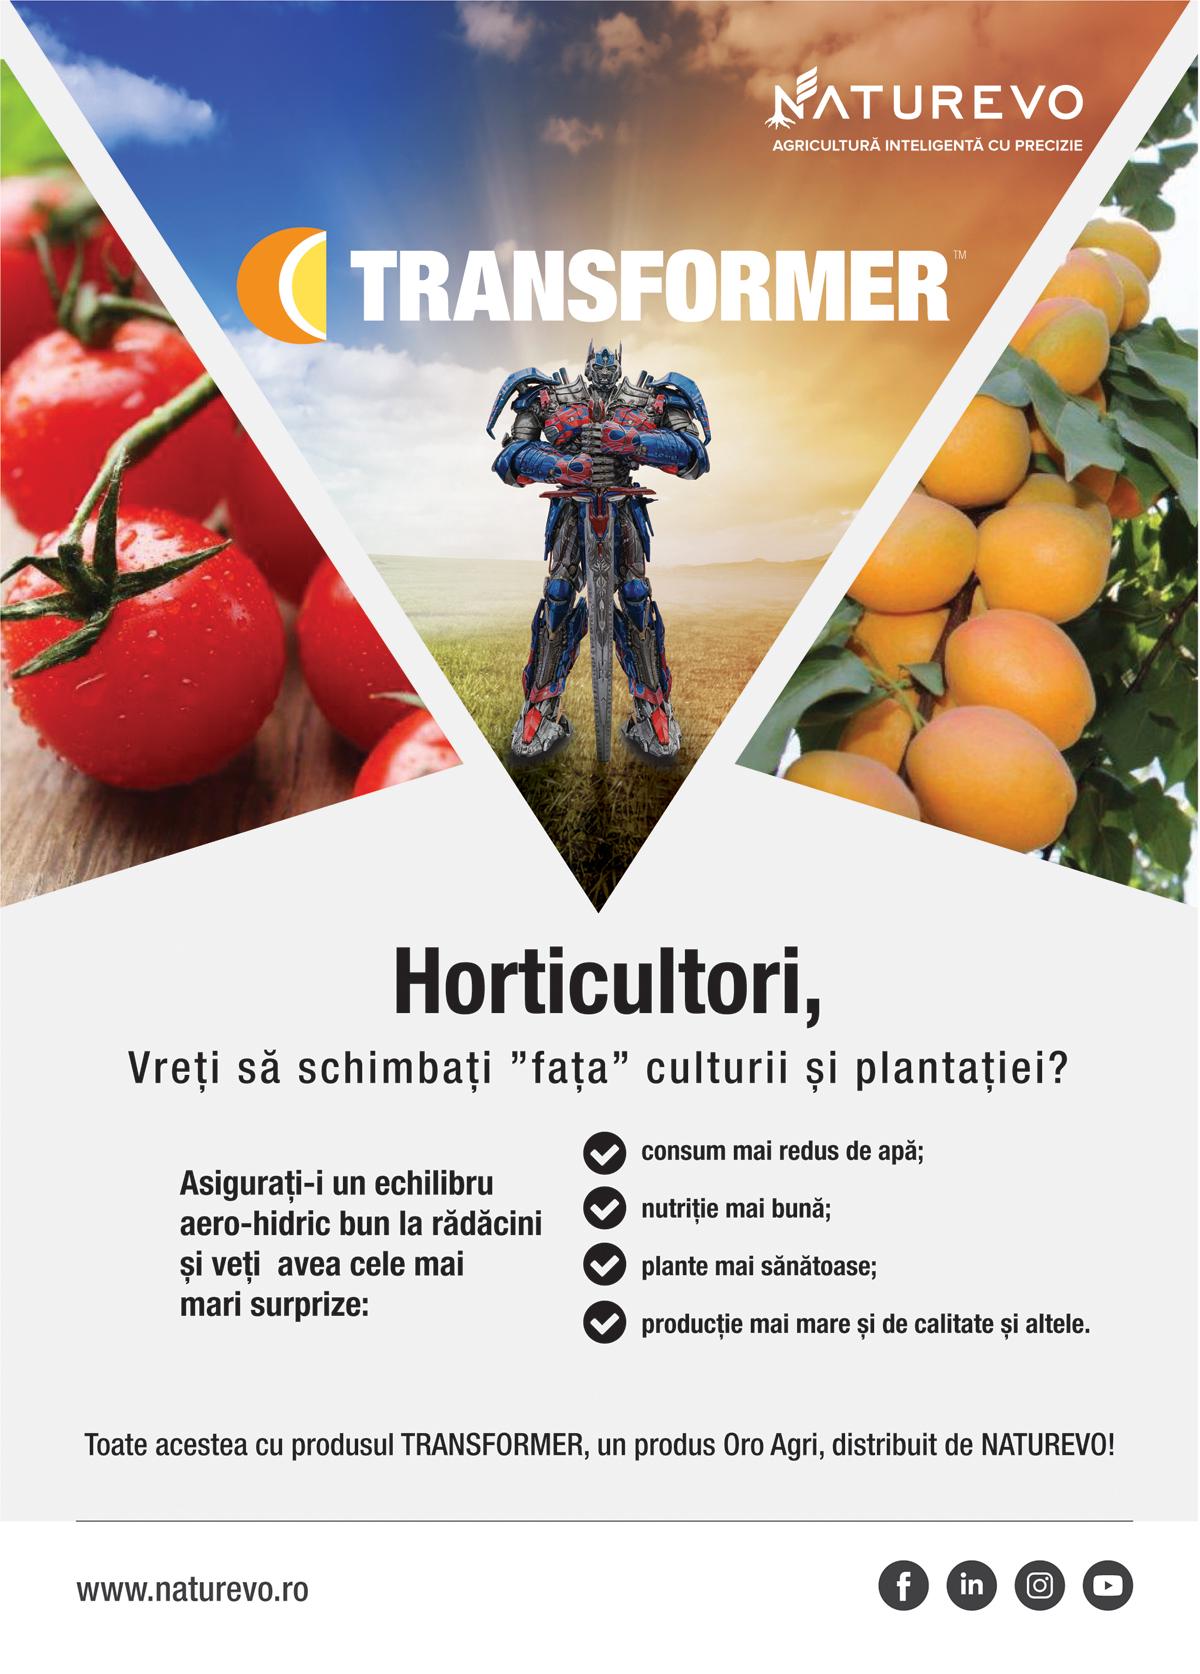 MACHETA TRANSFORMER HORTICULTORI